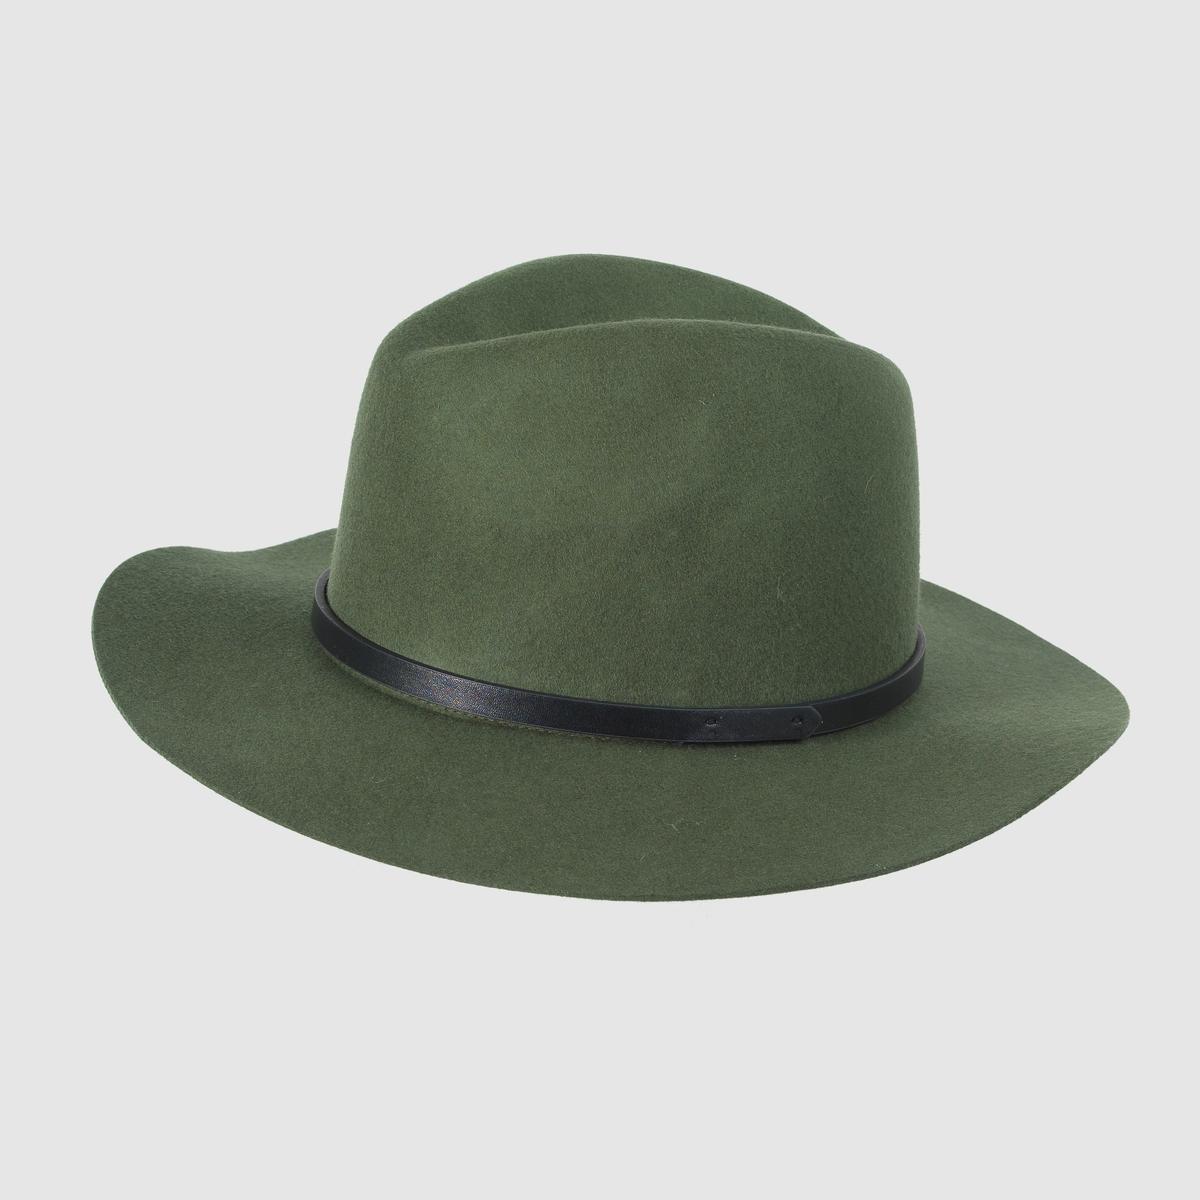 Шляпа из шерстиШляпа из шерсти, Atelier R .На самом пике моды, эта шляпа из шерсти придаст стильную нотку вашим прогулочным нарядам  !  Состав : 100% шерсти<br><br>Цвет: зеленый<br>Размер: единый размер